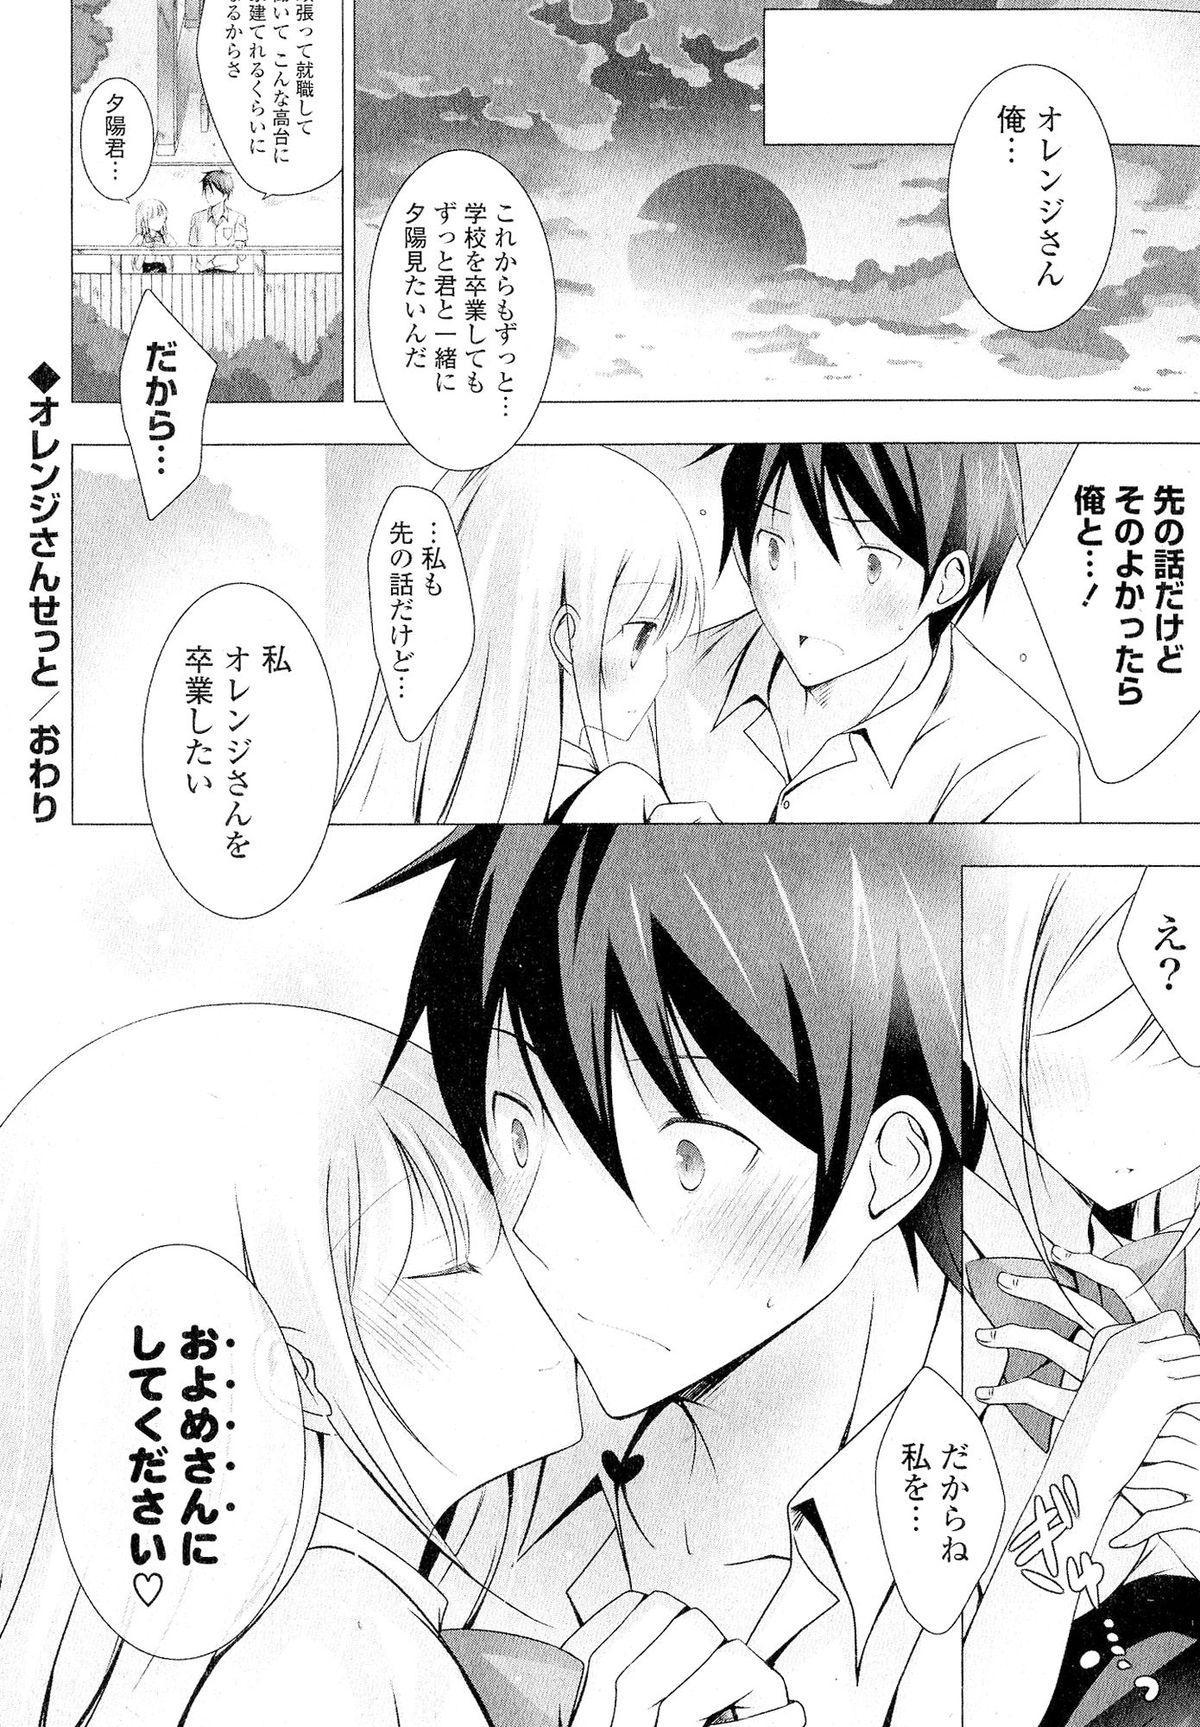 Doki ga Mune Mune Chichimusume 177